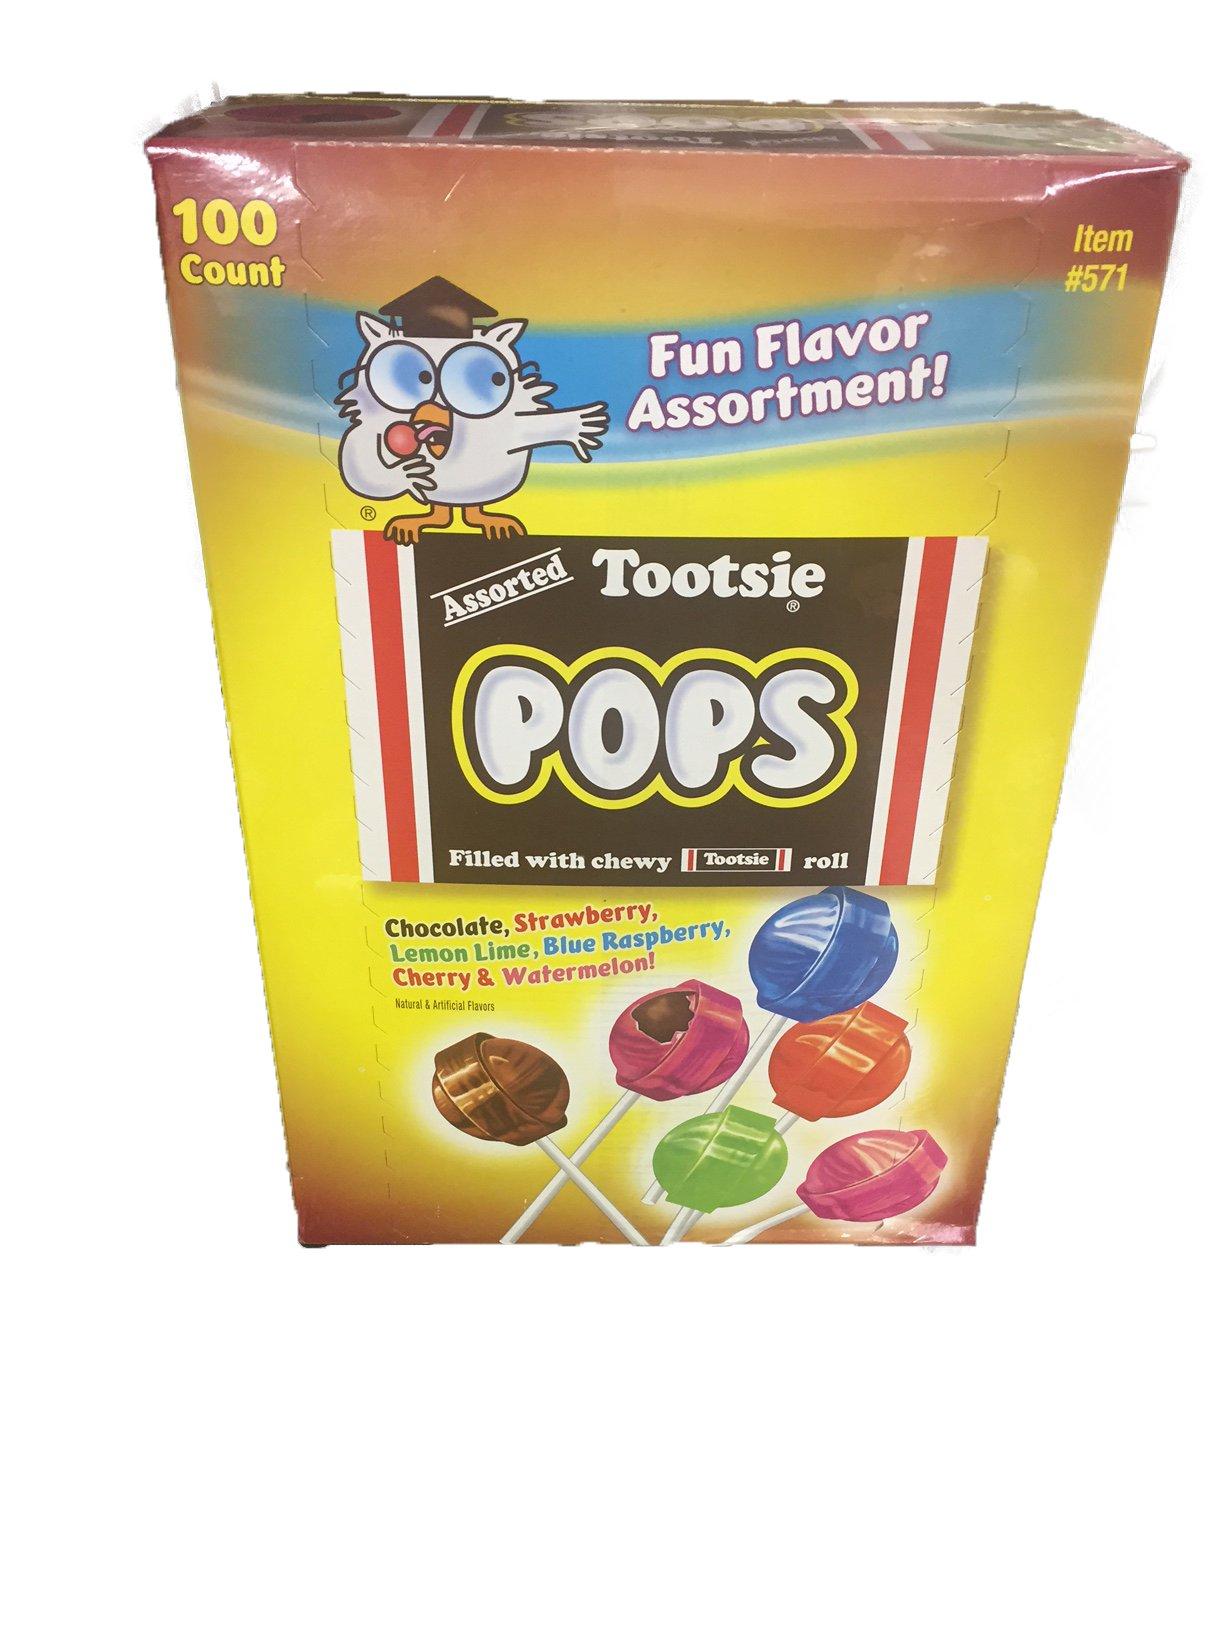 Tootsie Pops Fun Flavor Assortment 100 pops